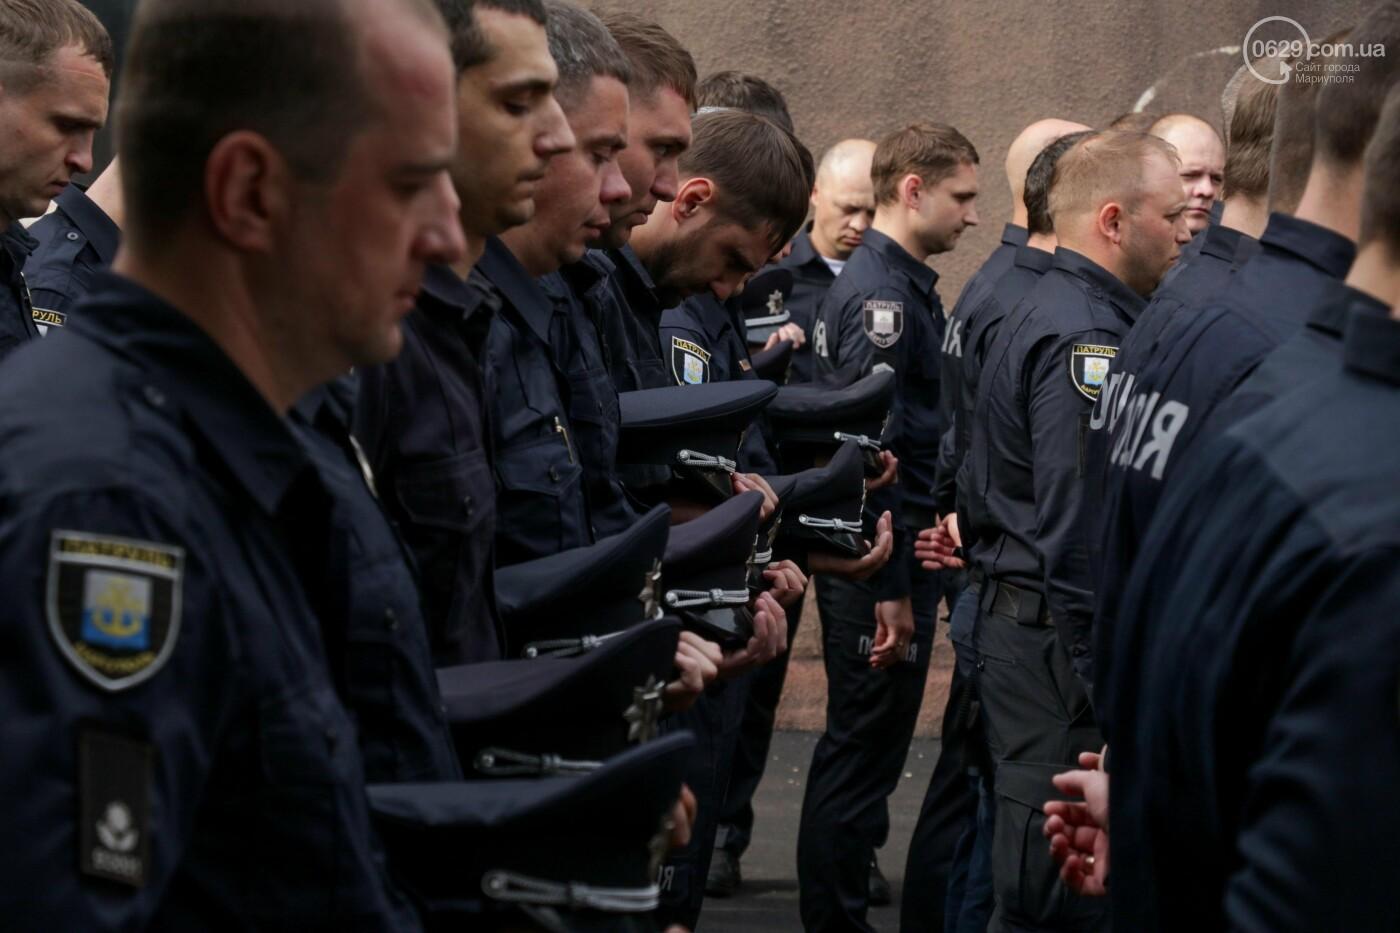 """""""Не остановить идею, час которой настал!"""" Как патрульная полиция прожила первую пятилетку , - ФОТОРЕПОРТАЖ, фото-6"""